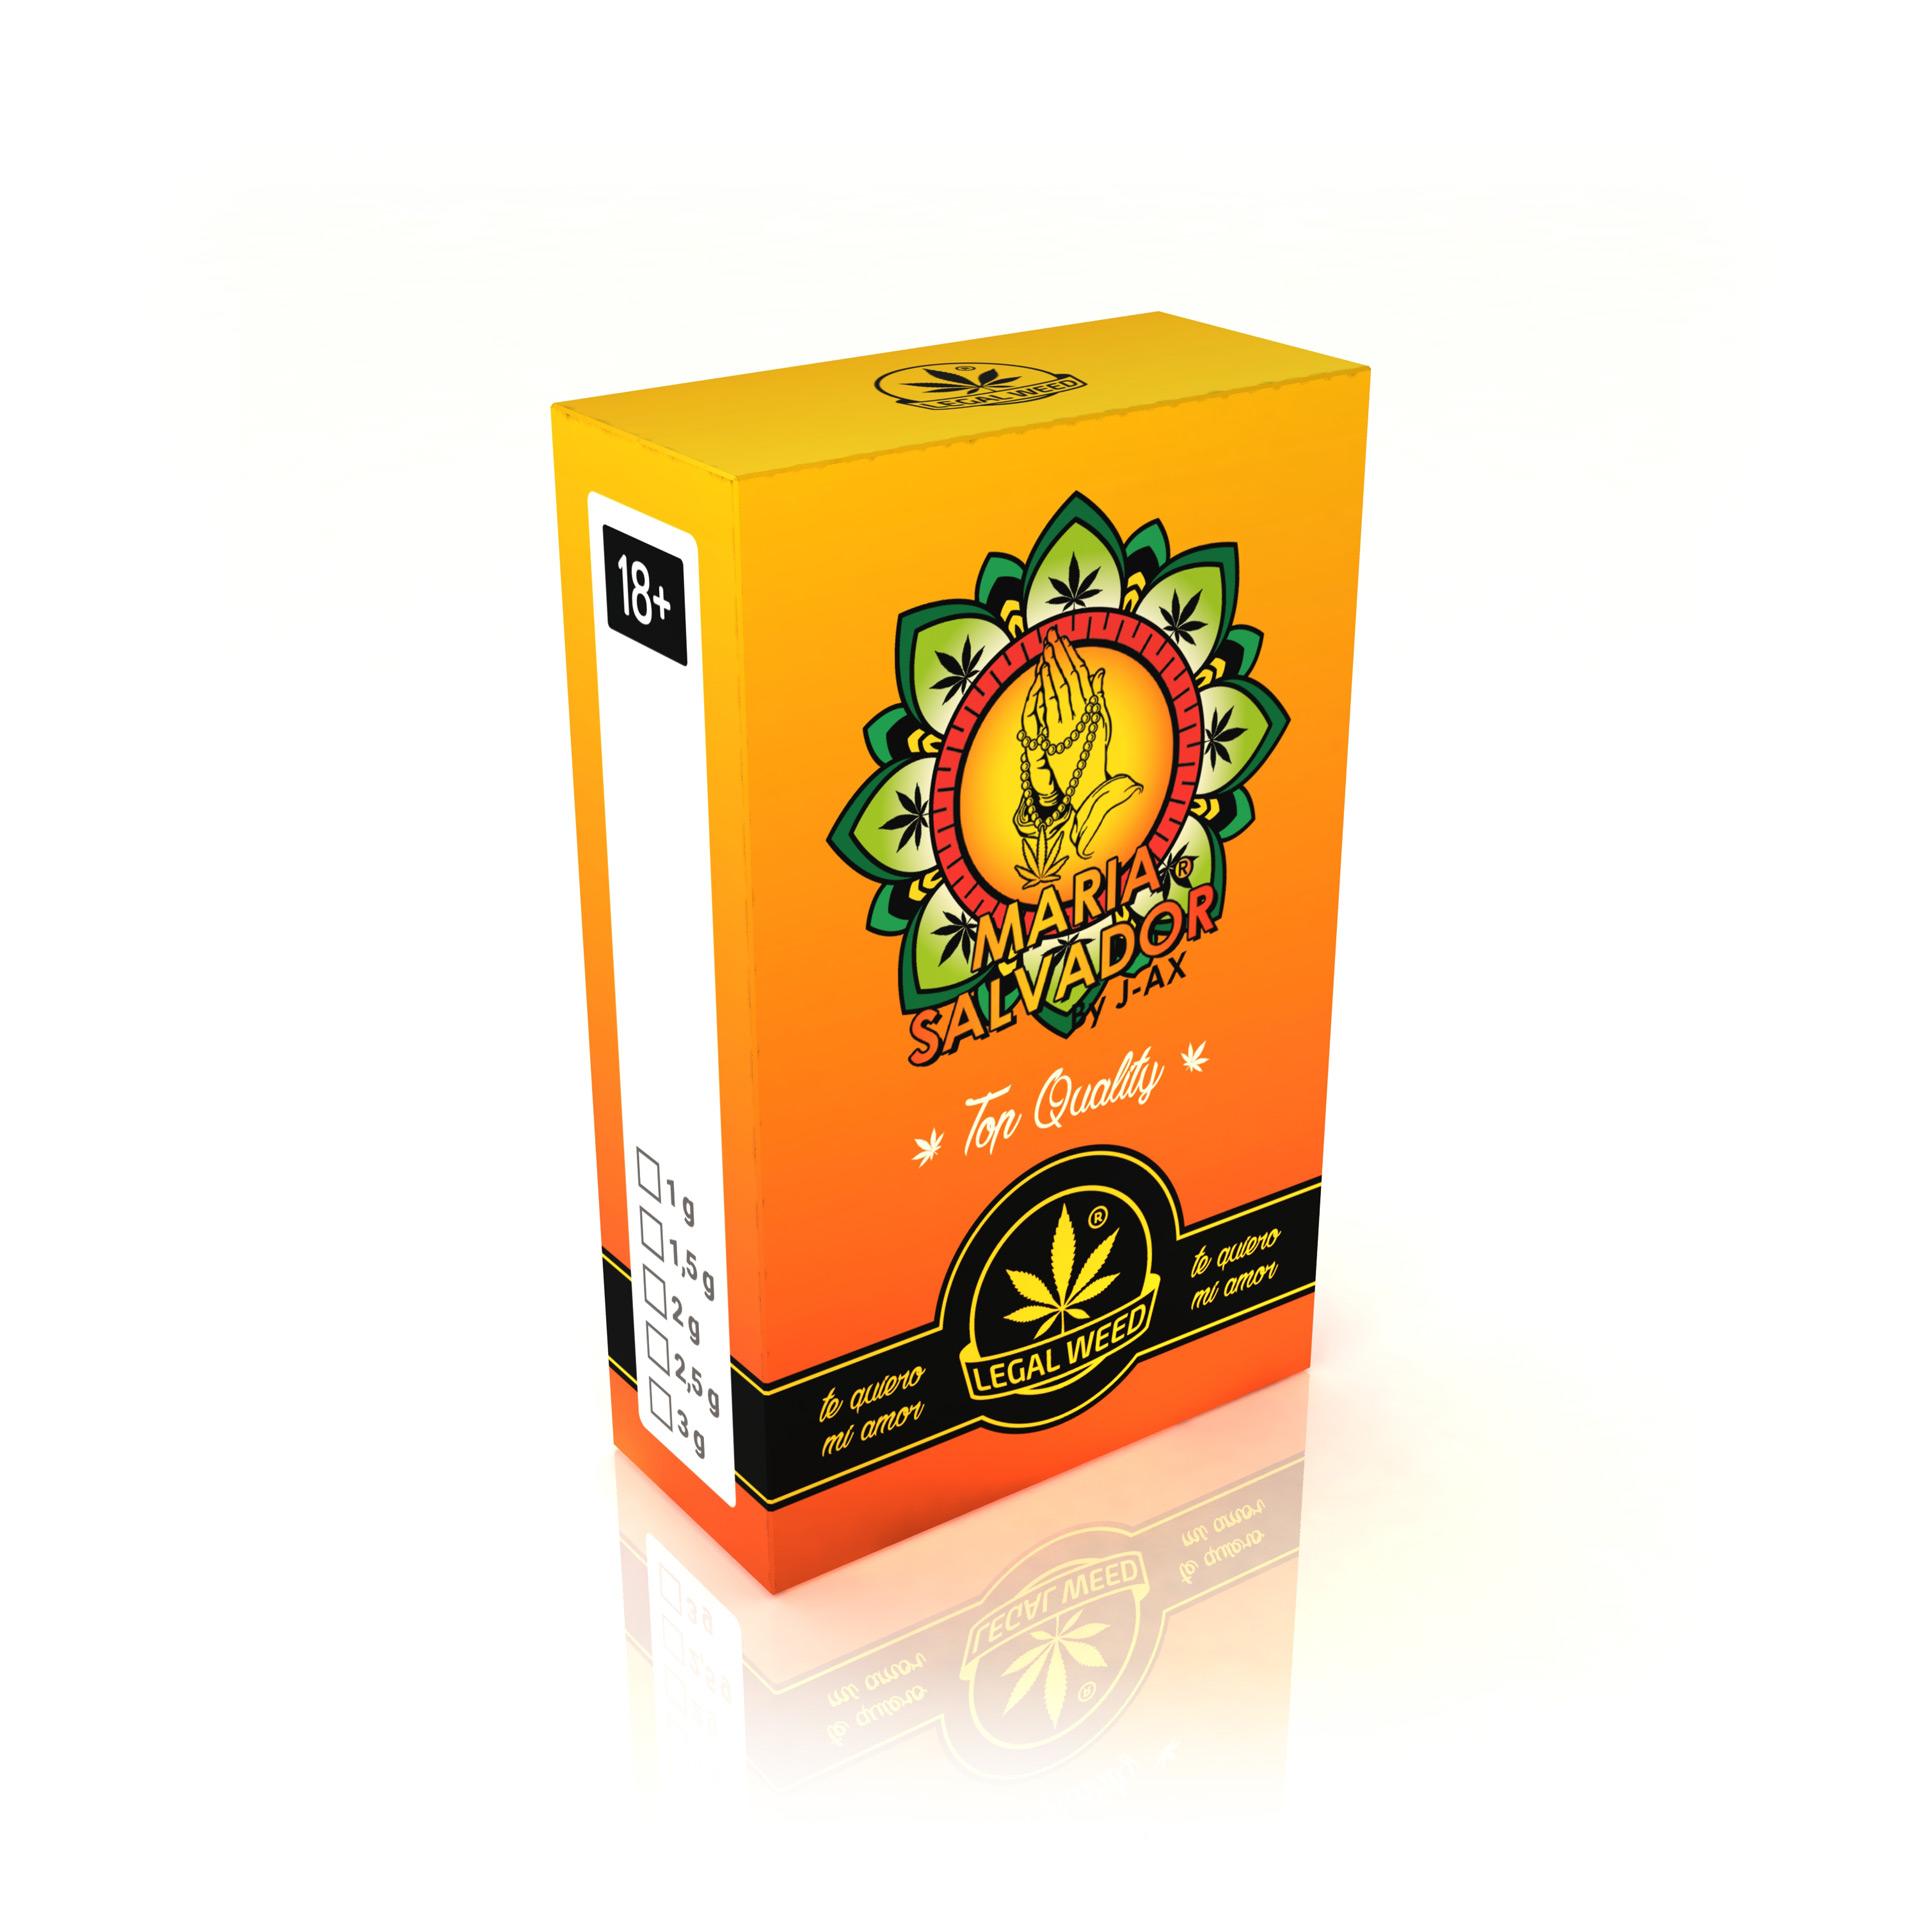 Maria Salvador Top Quality Cannabis Light Legale